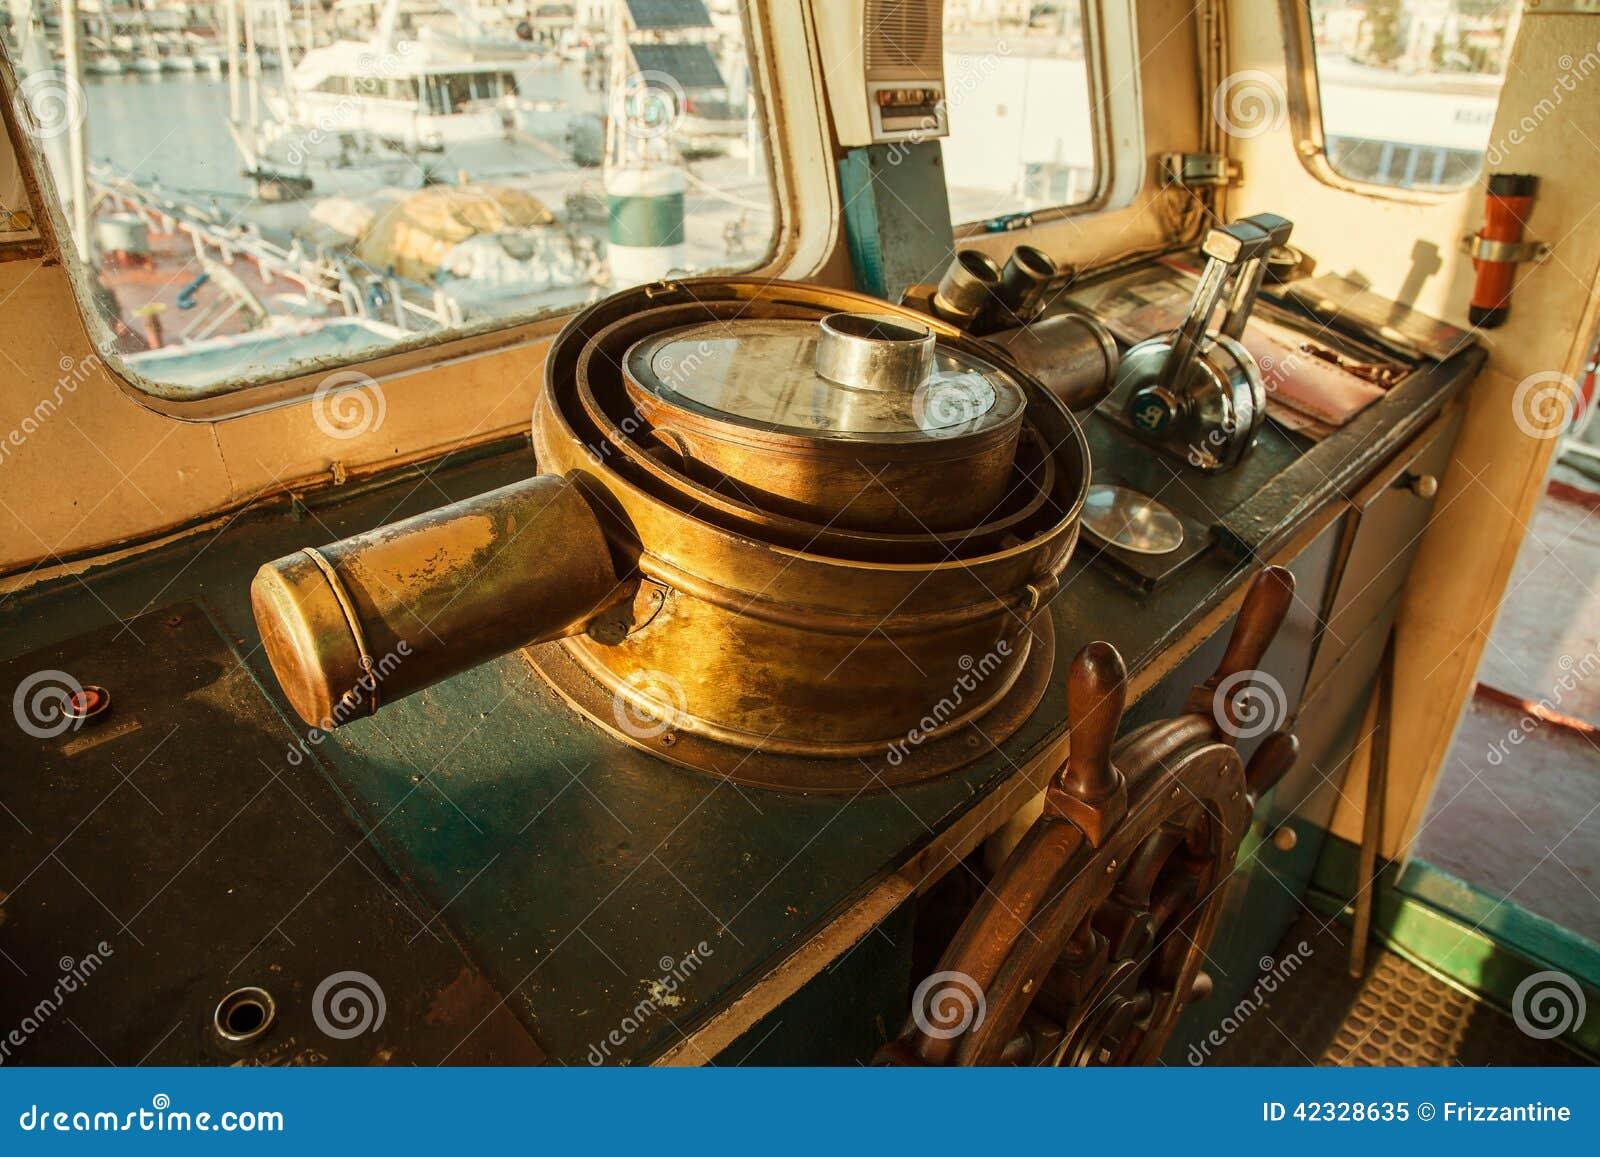 Vieux volant antique de cuivre dans l habitacle d un vieil